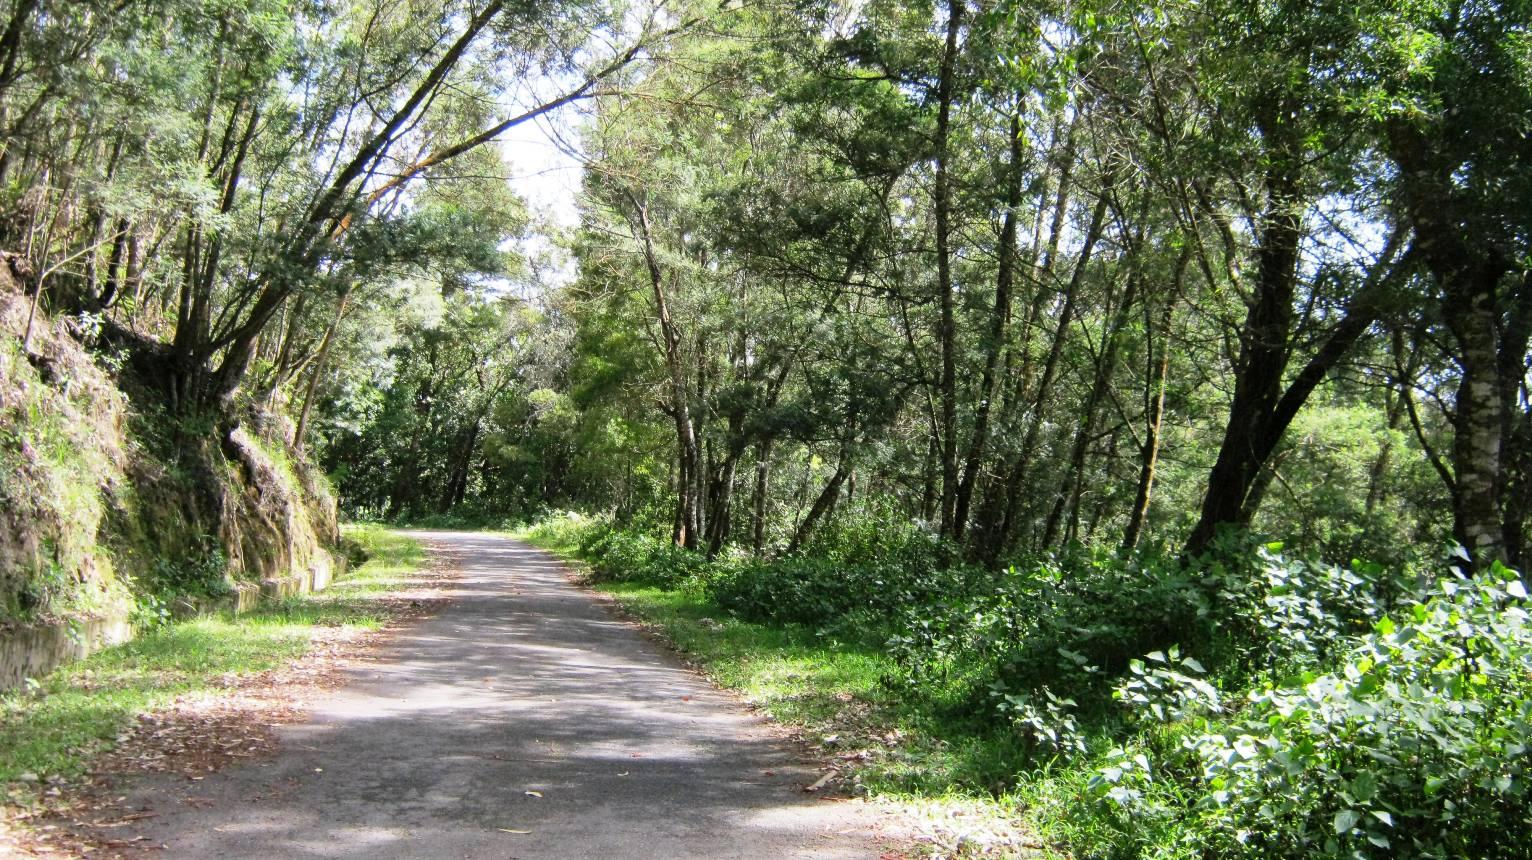 Safari road through Anamudi Shola National Park